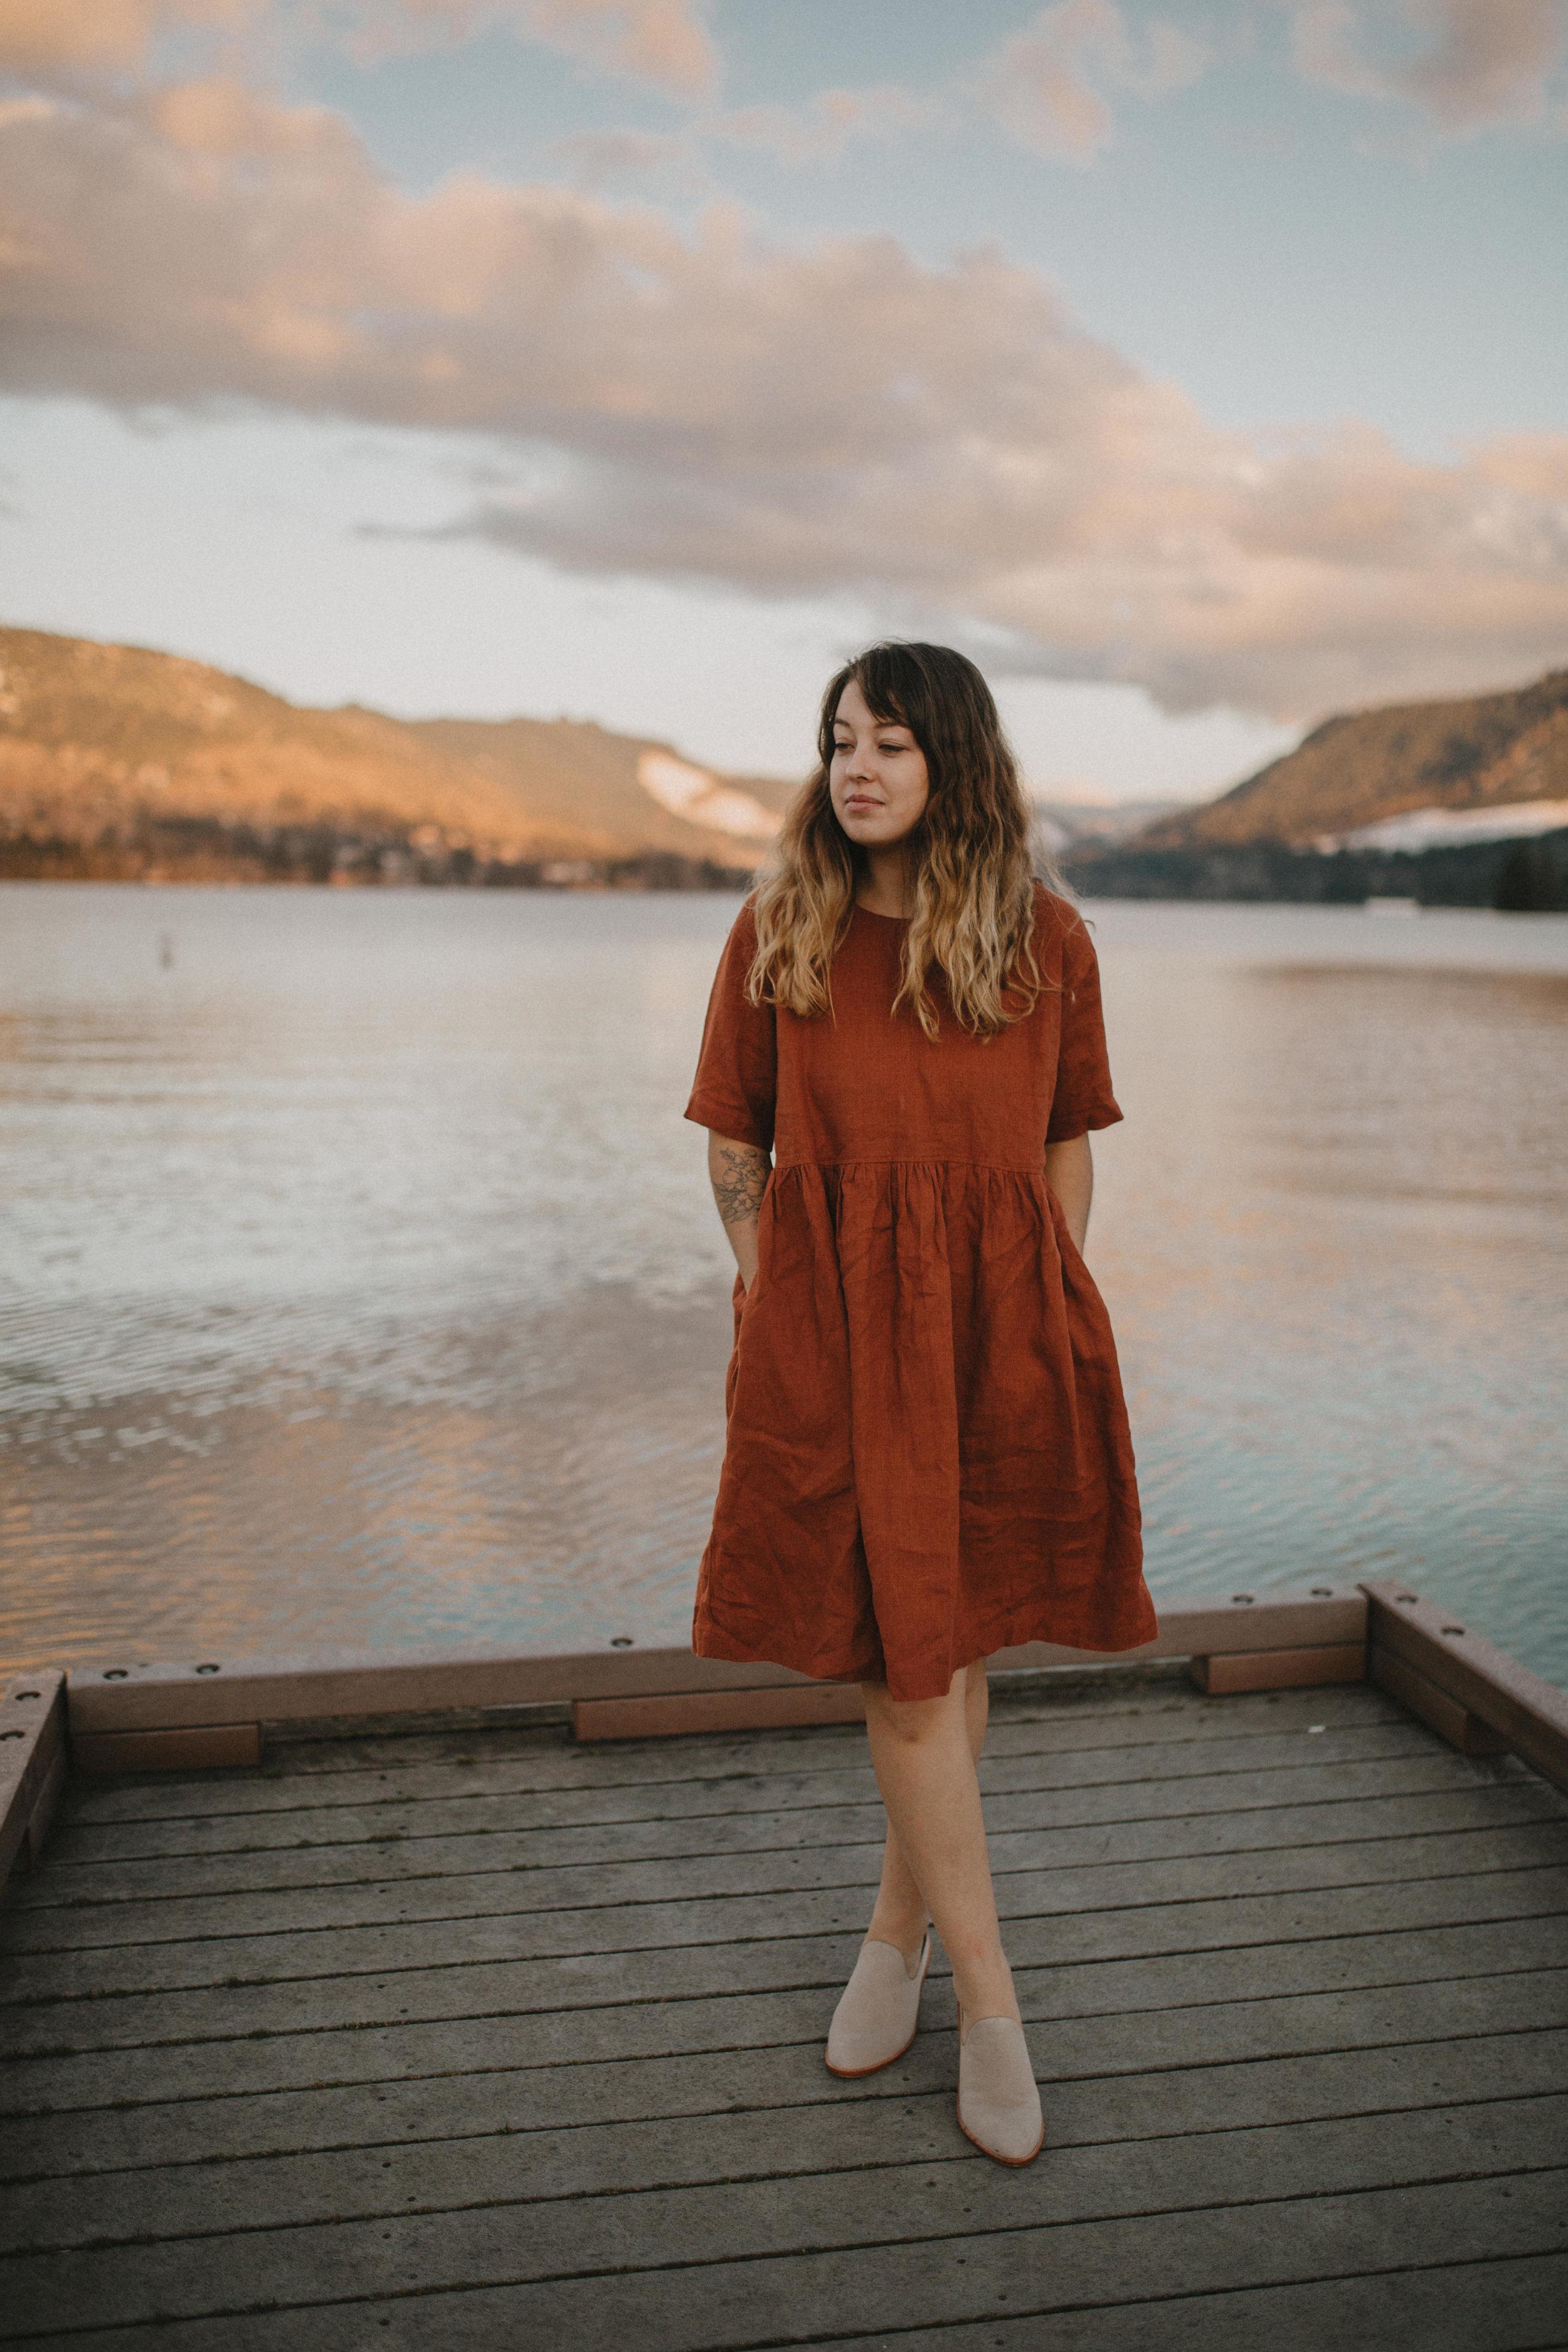 sunset-lake-eugene-11.JPG